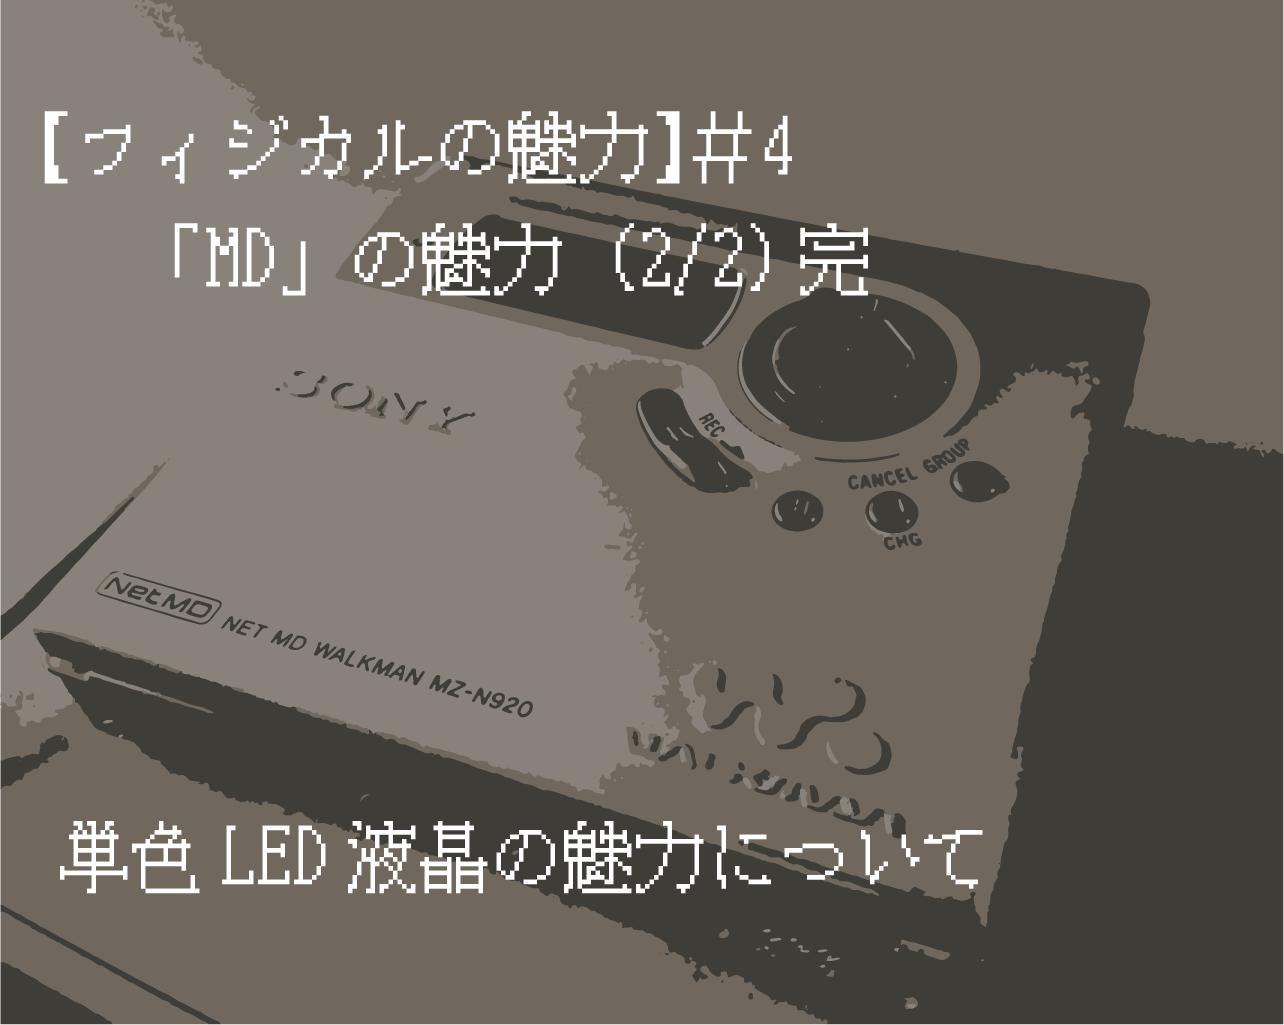 【フィジカルの魅力」】#4 「MDの魅力 2/2(完)」